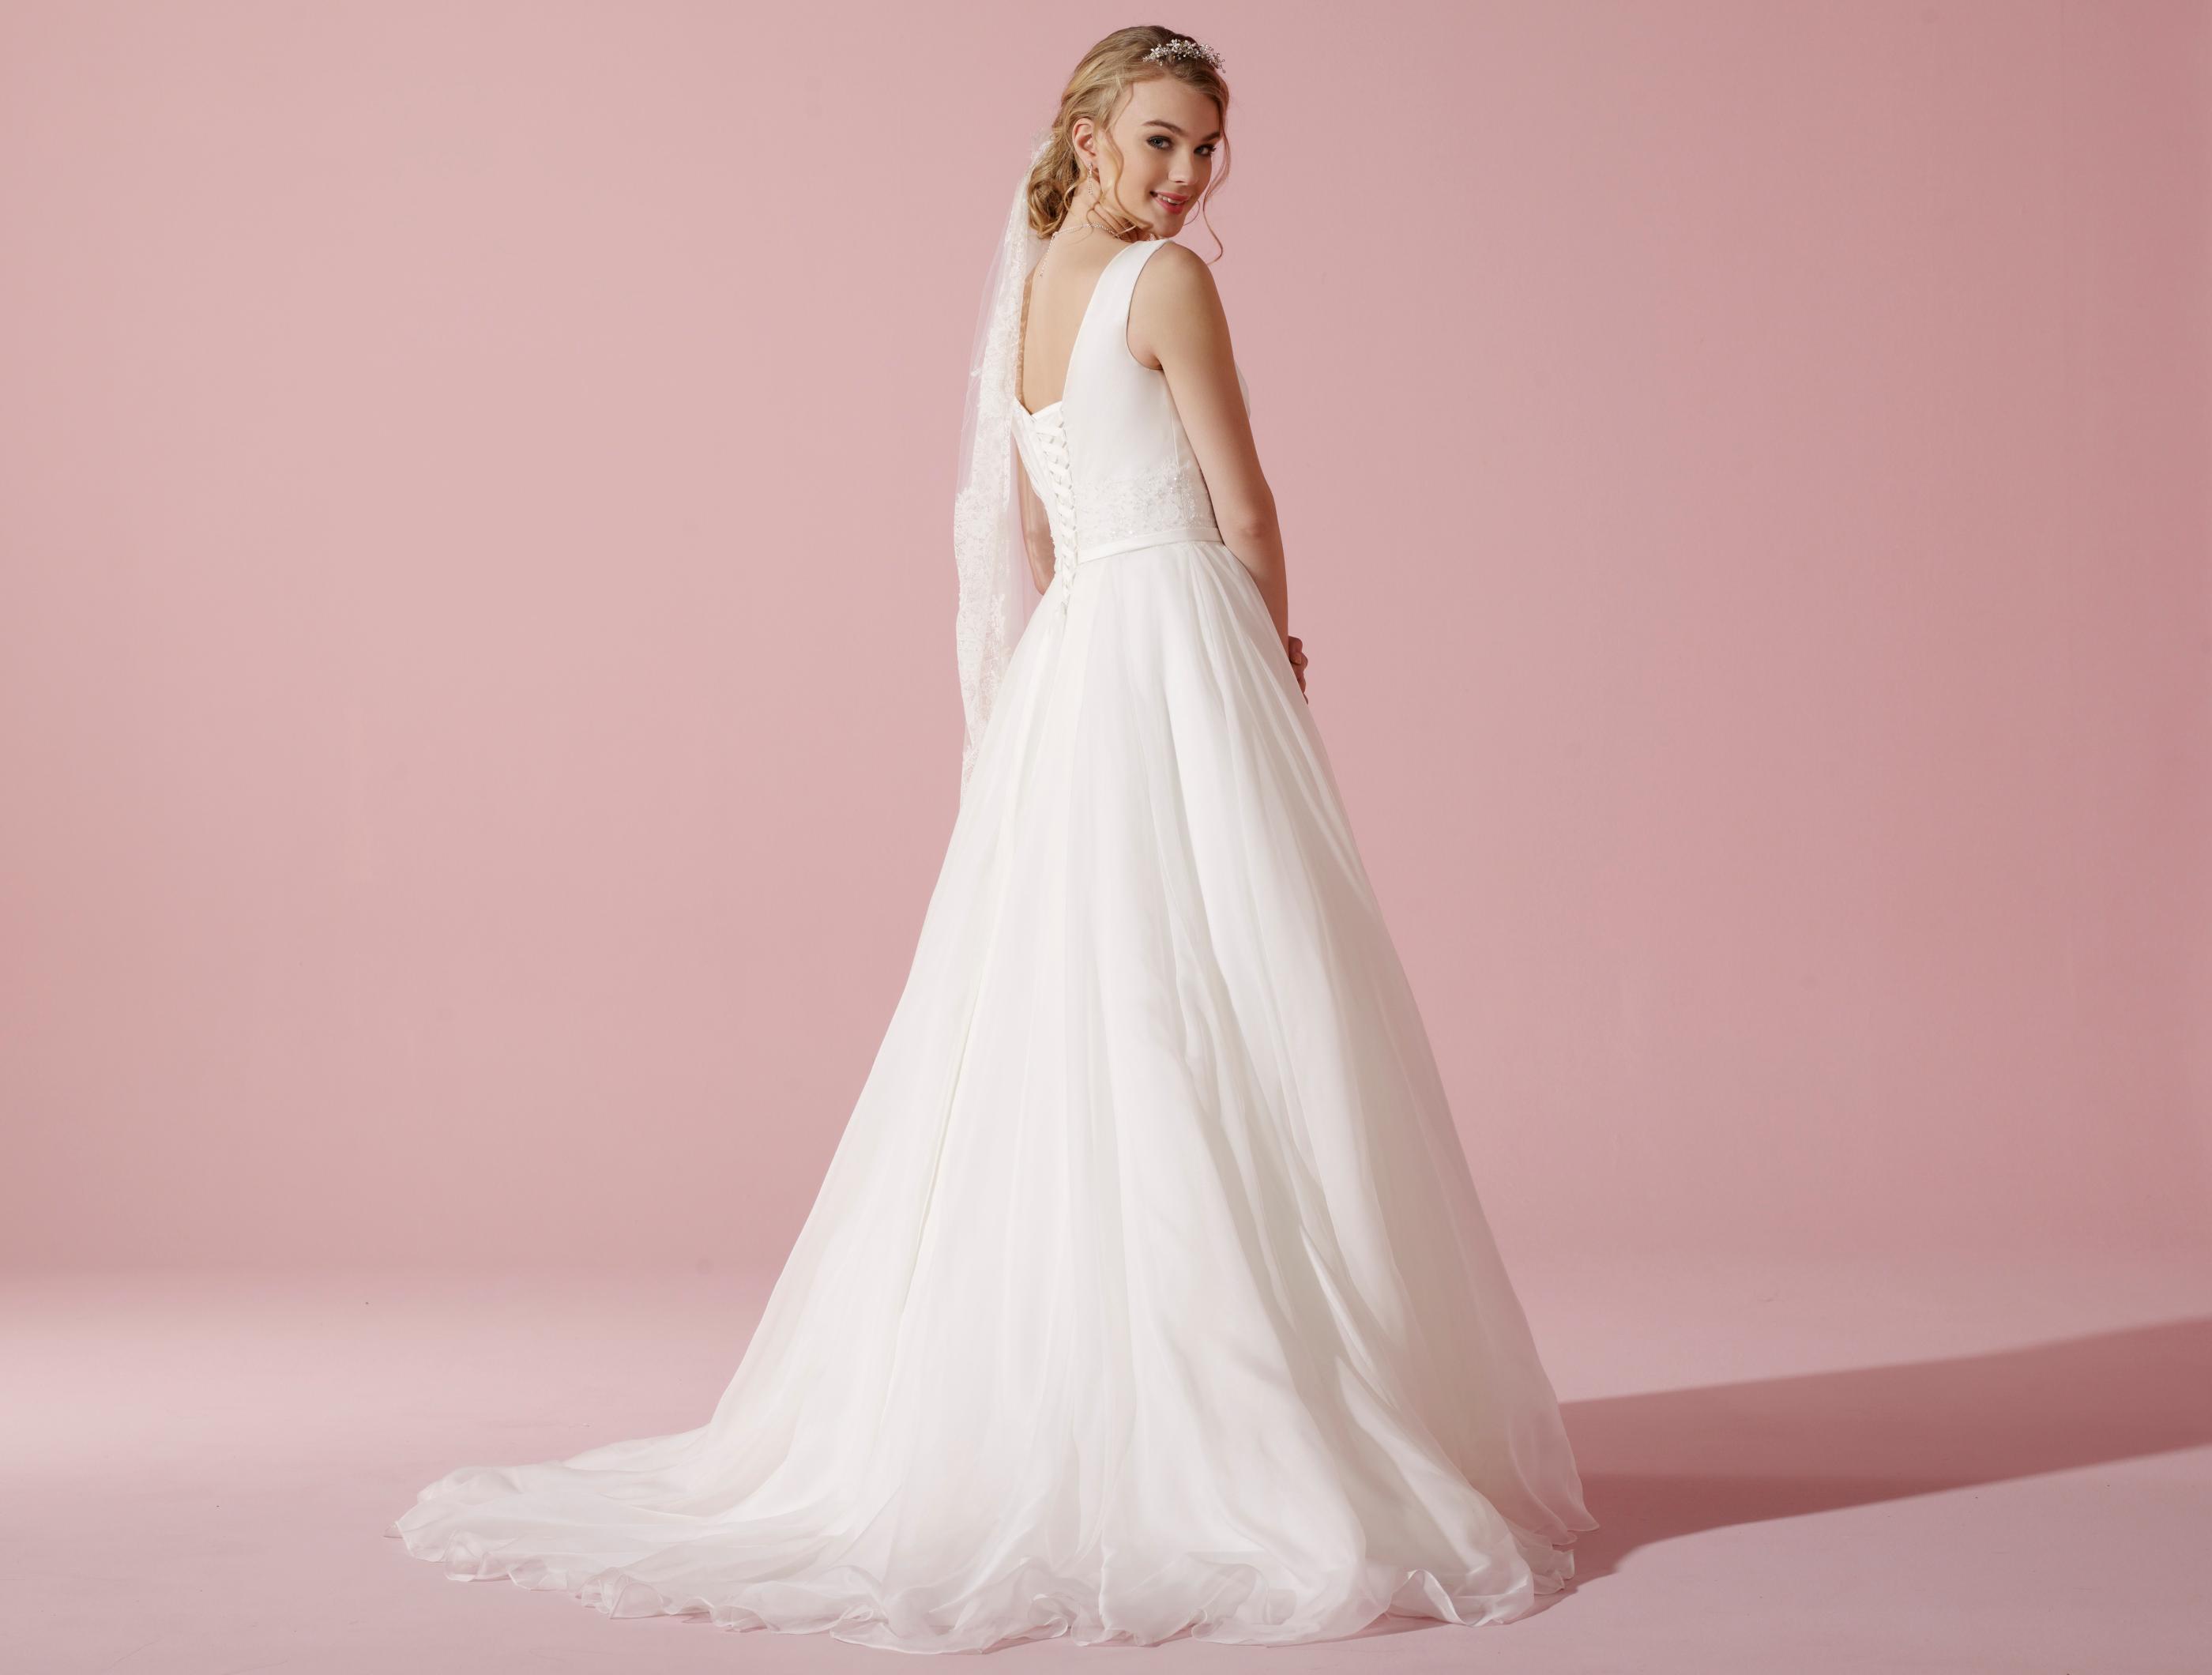 Atemberaubend Seidenorganza Hochzeitskleider Ideen - Brautkleider ...